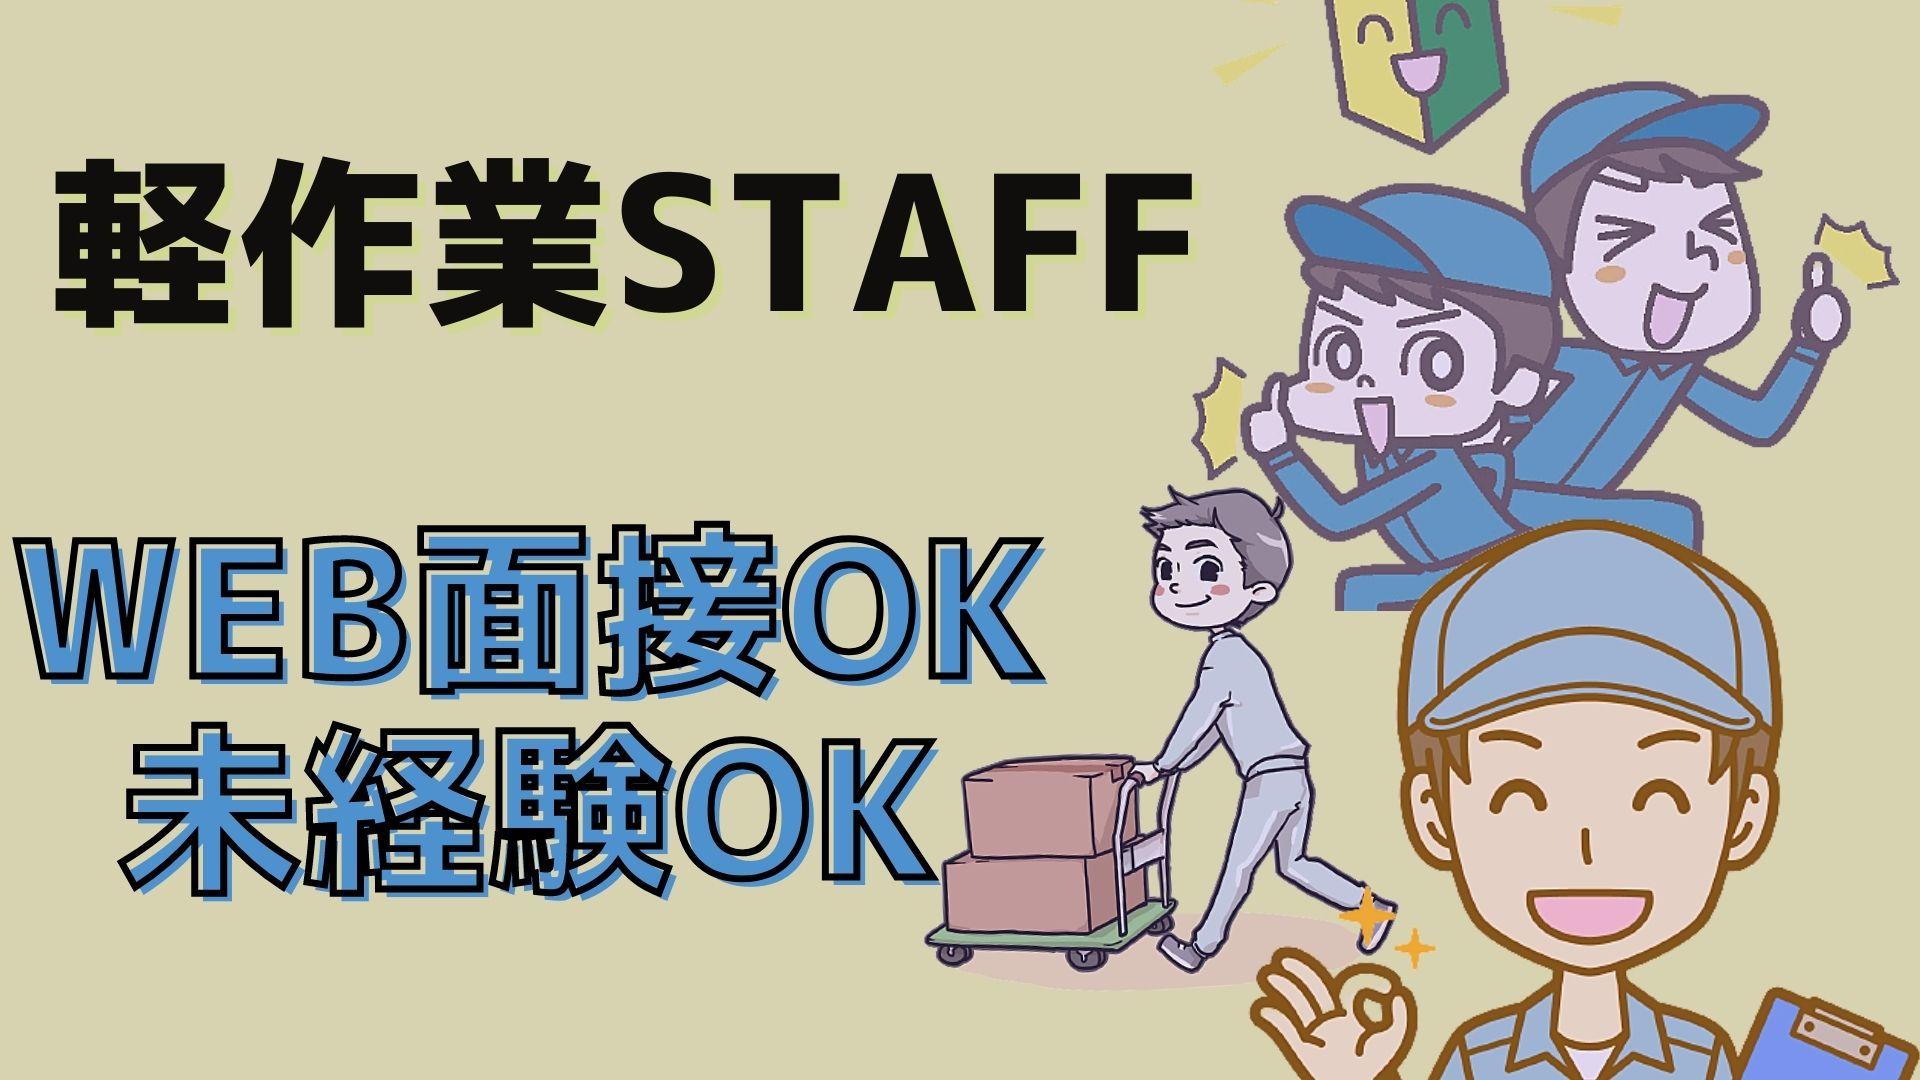 【希望日払い制度あり/WEB面接OK/履歴書不要】製造現場での加工・補助作業